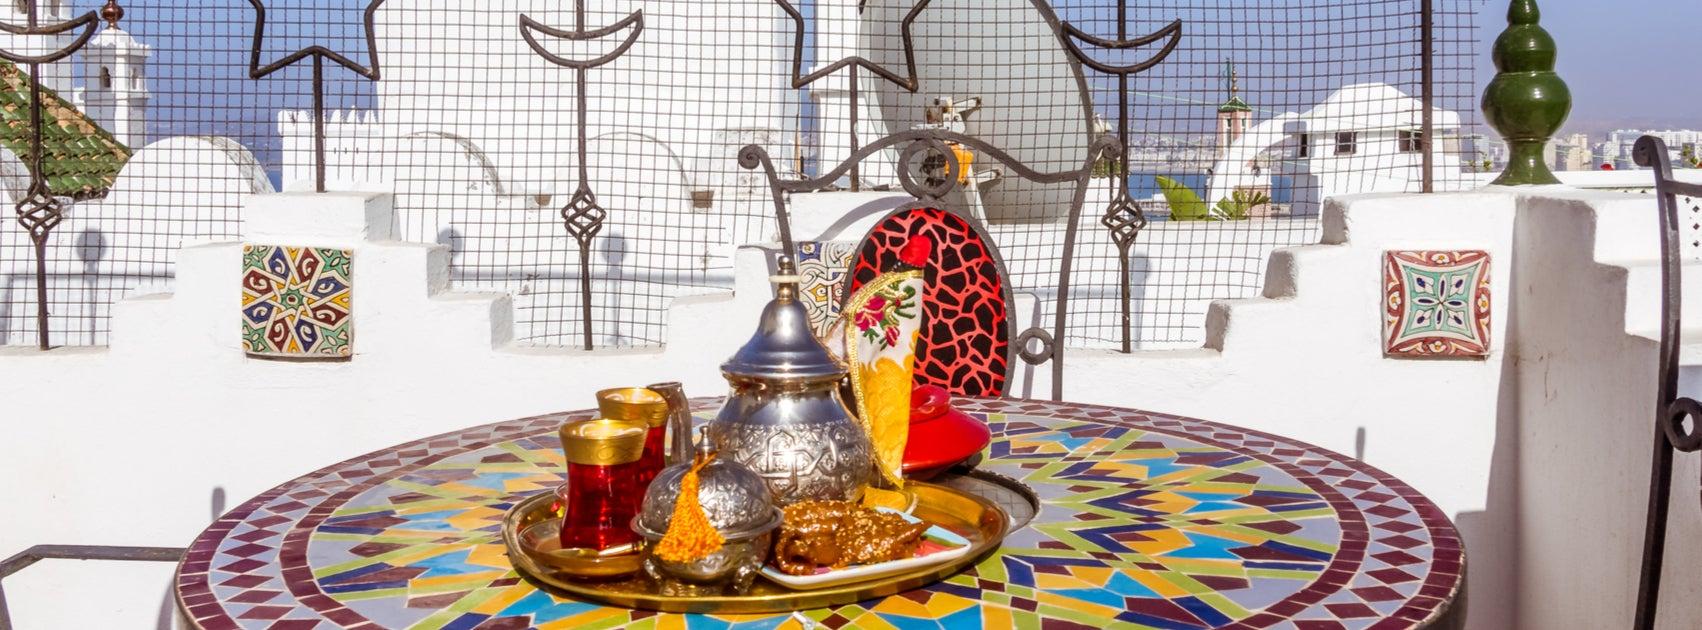 Decoración de terrazas estilo árabe: inspiración marroquí